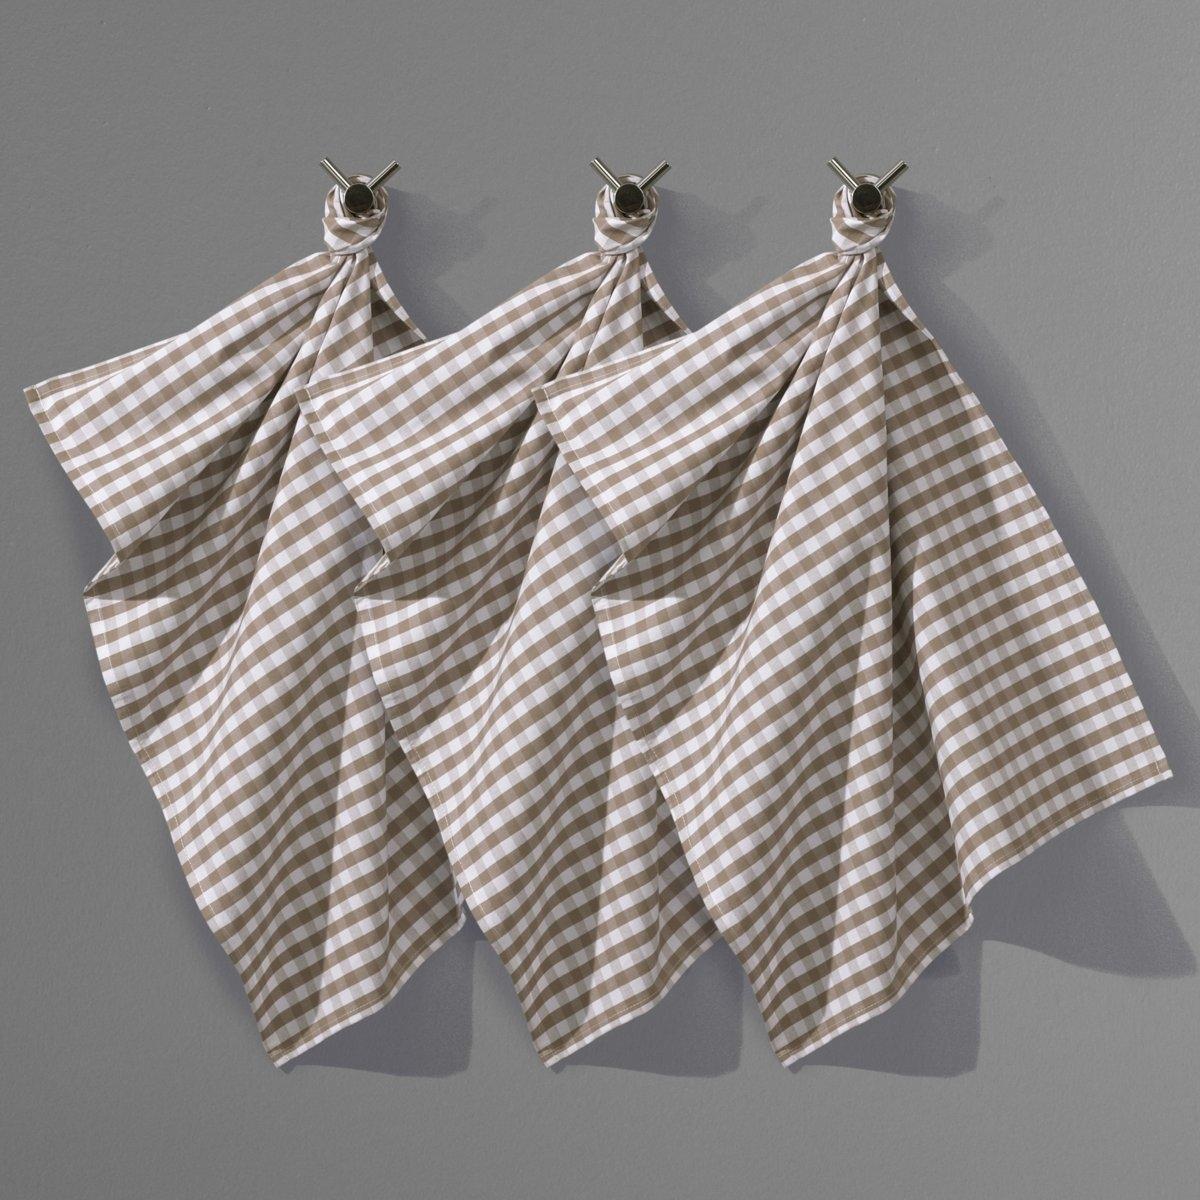 3 полотенца кухонныхКухонные полотенца в клетку виши GARDEN-PARTY. 100% хлопка. Размер 50 х 70 см. Стирка при 40°. В комплекте 3 полотенца одного цвета. Превосходная стойкость цвета.<br><br>Цвет: серо-коричневый